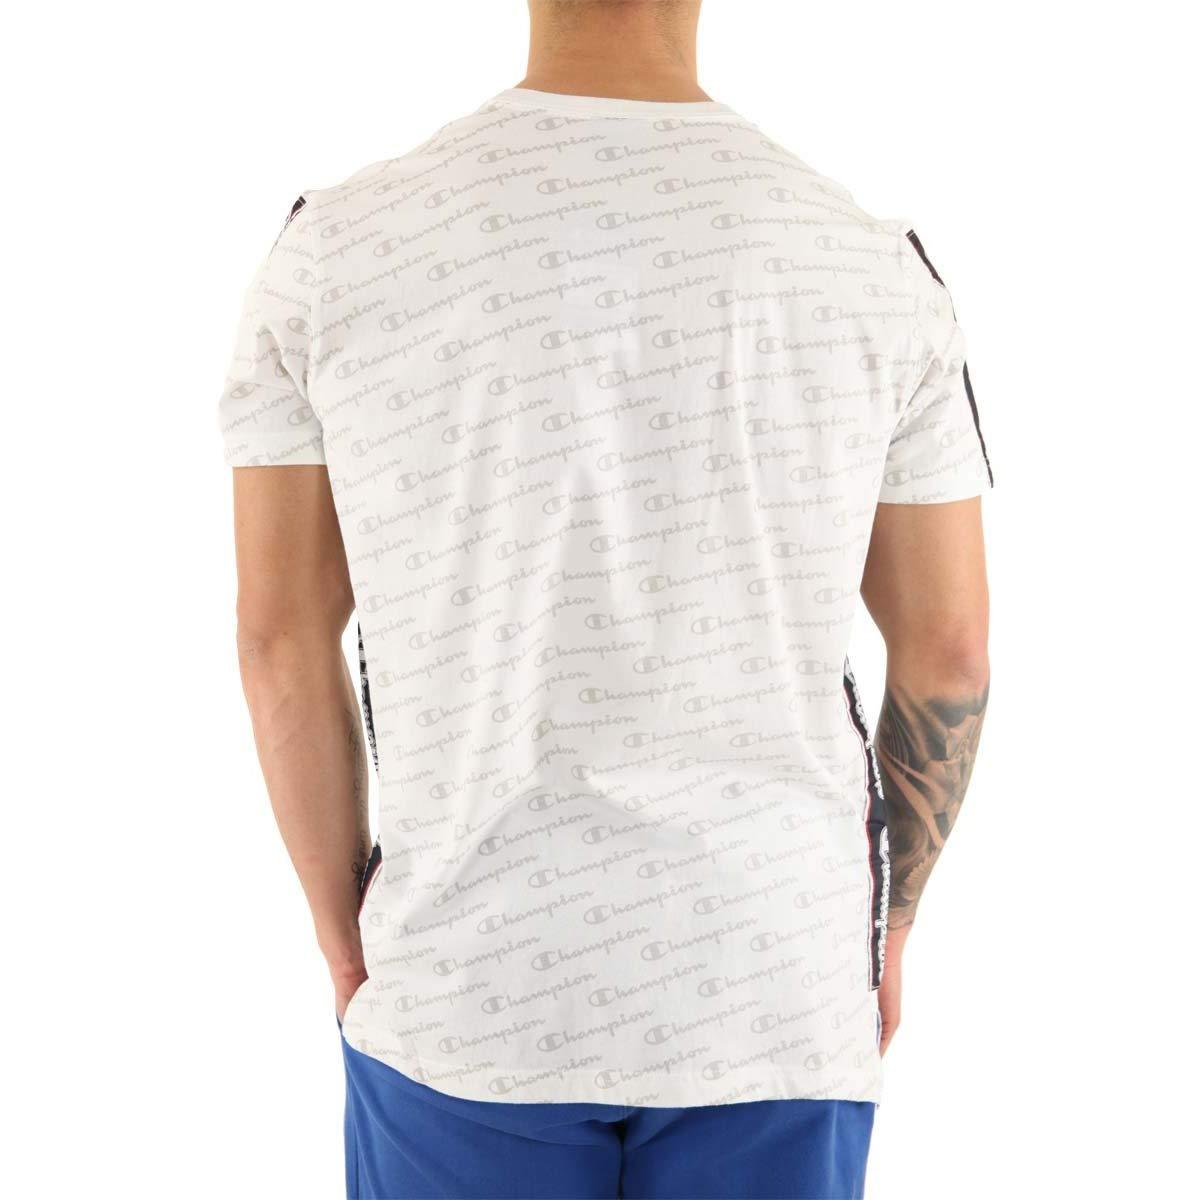 Champion Herren T-Shirt mit Allover-Print, Weiß B07P795DZ2 T-Shirts Sehr praktisch praktisch praktisch 933714